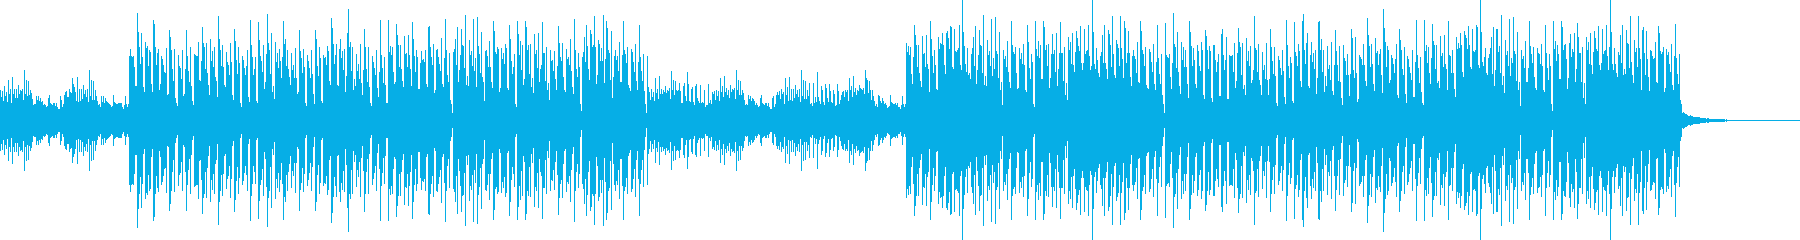 近未来的EDMハウス・激しいミステリアスの再生済みの波形